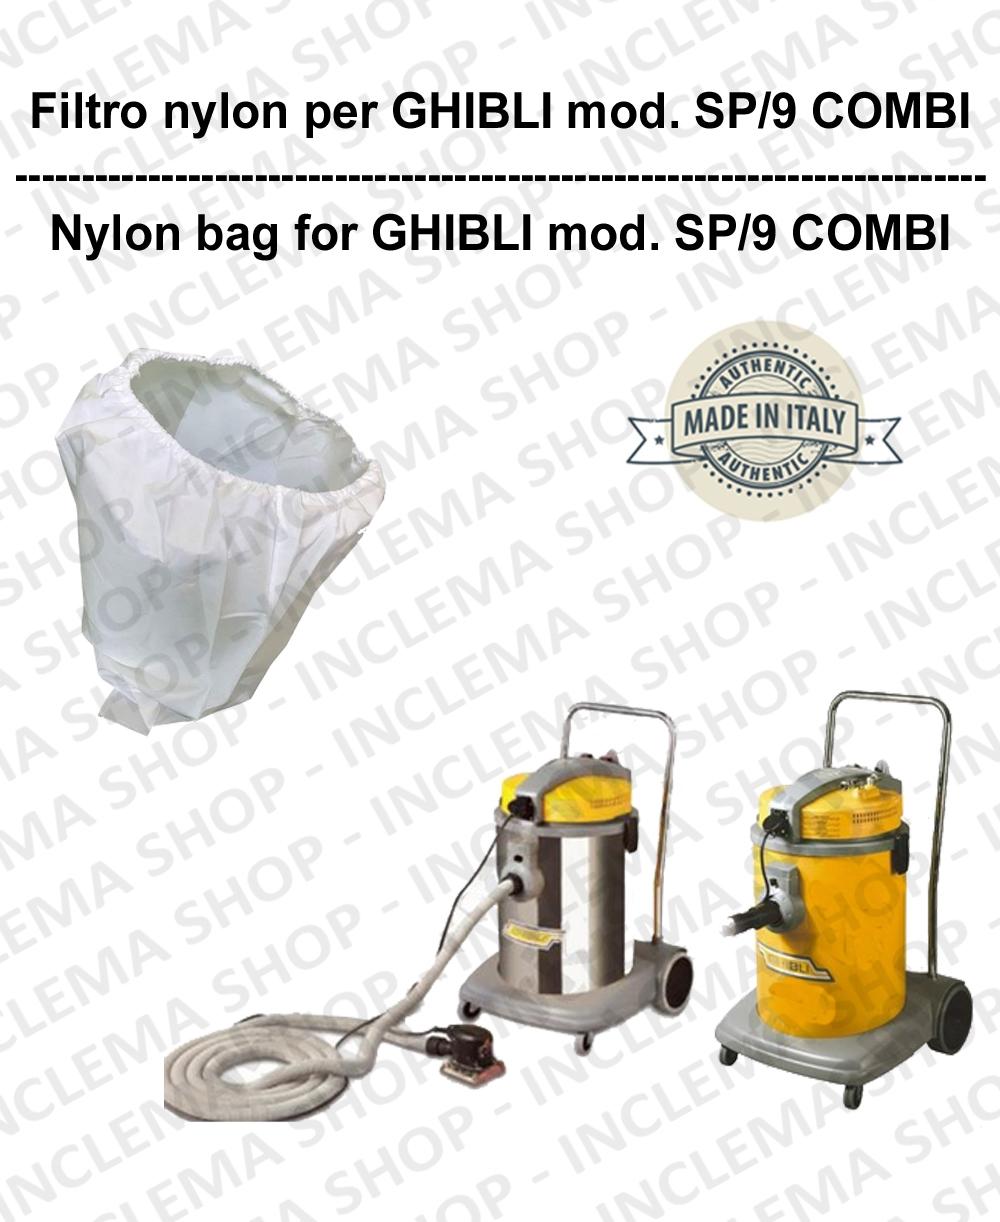 SACCO Filtro de Nylon cod: 3001215 para aspiradora GHIBLI Model SP9/COMBI